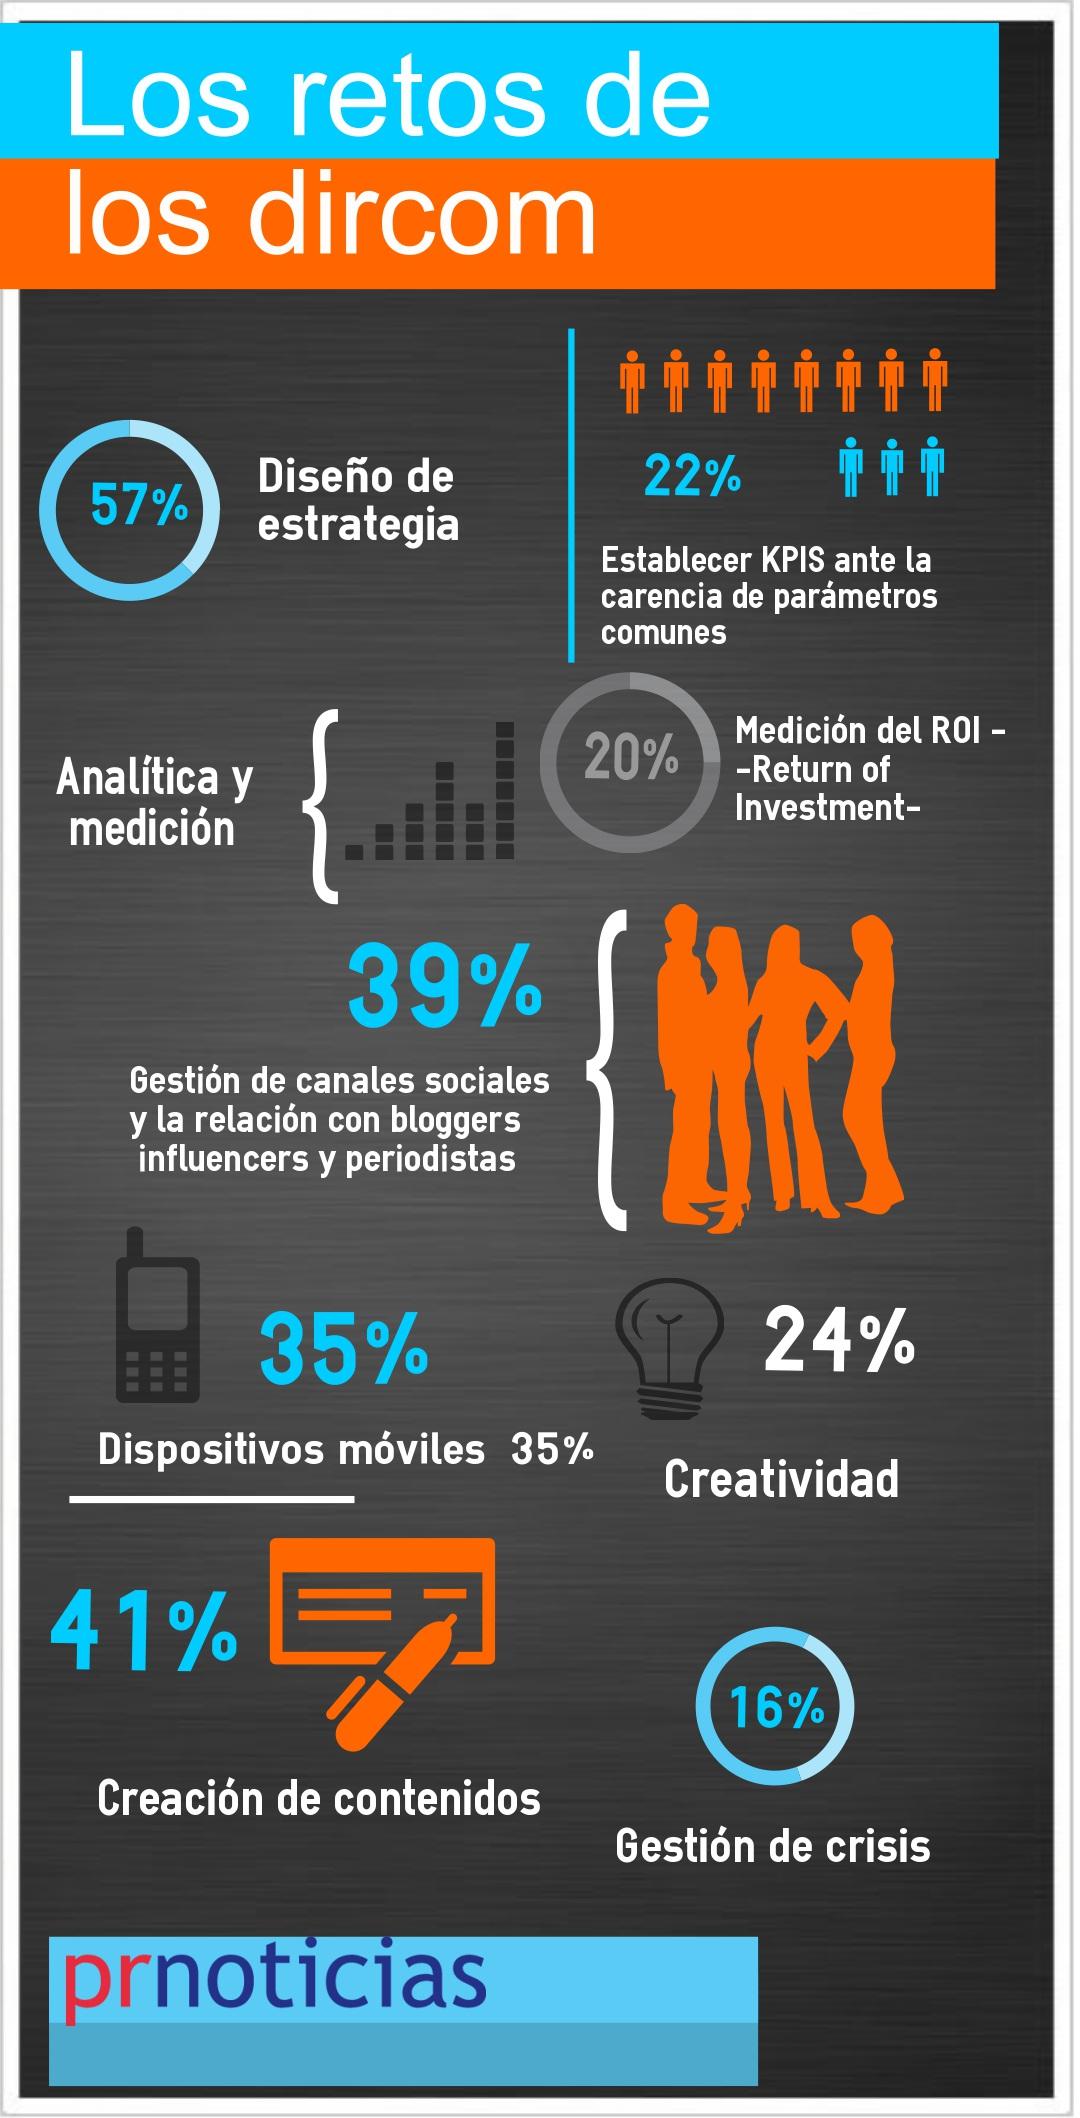 tendencias_comunicacion_corporativa_infografia_